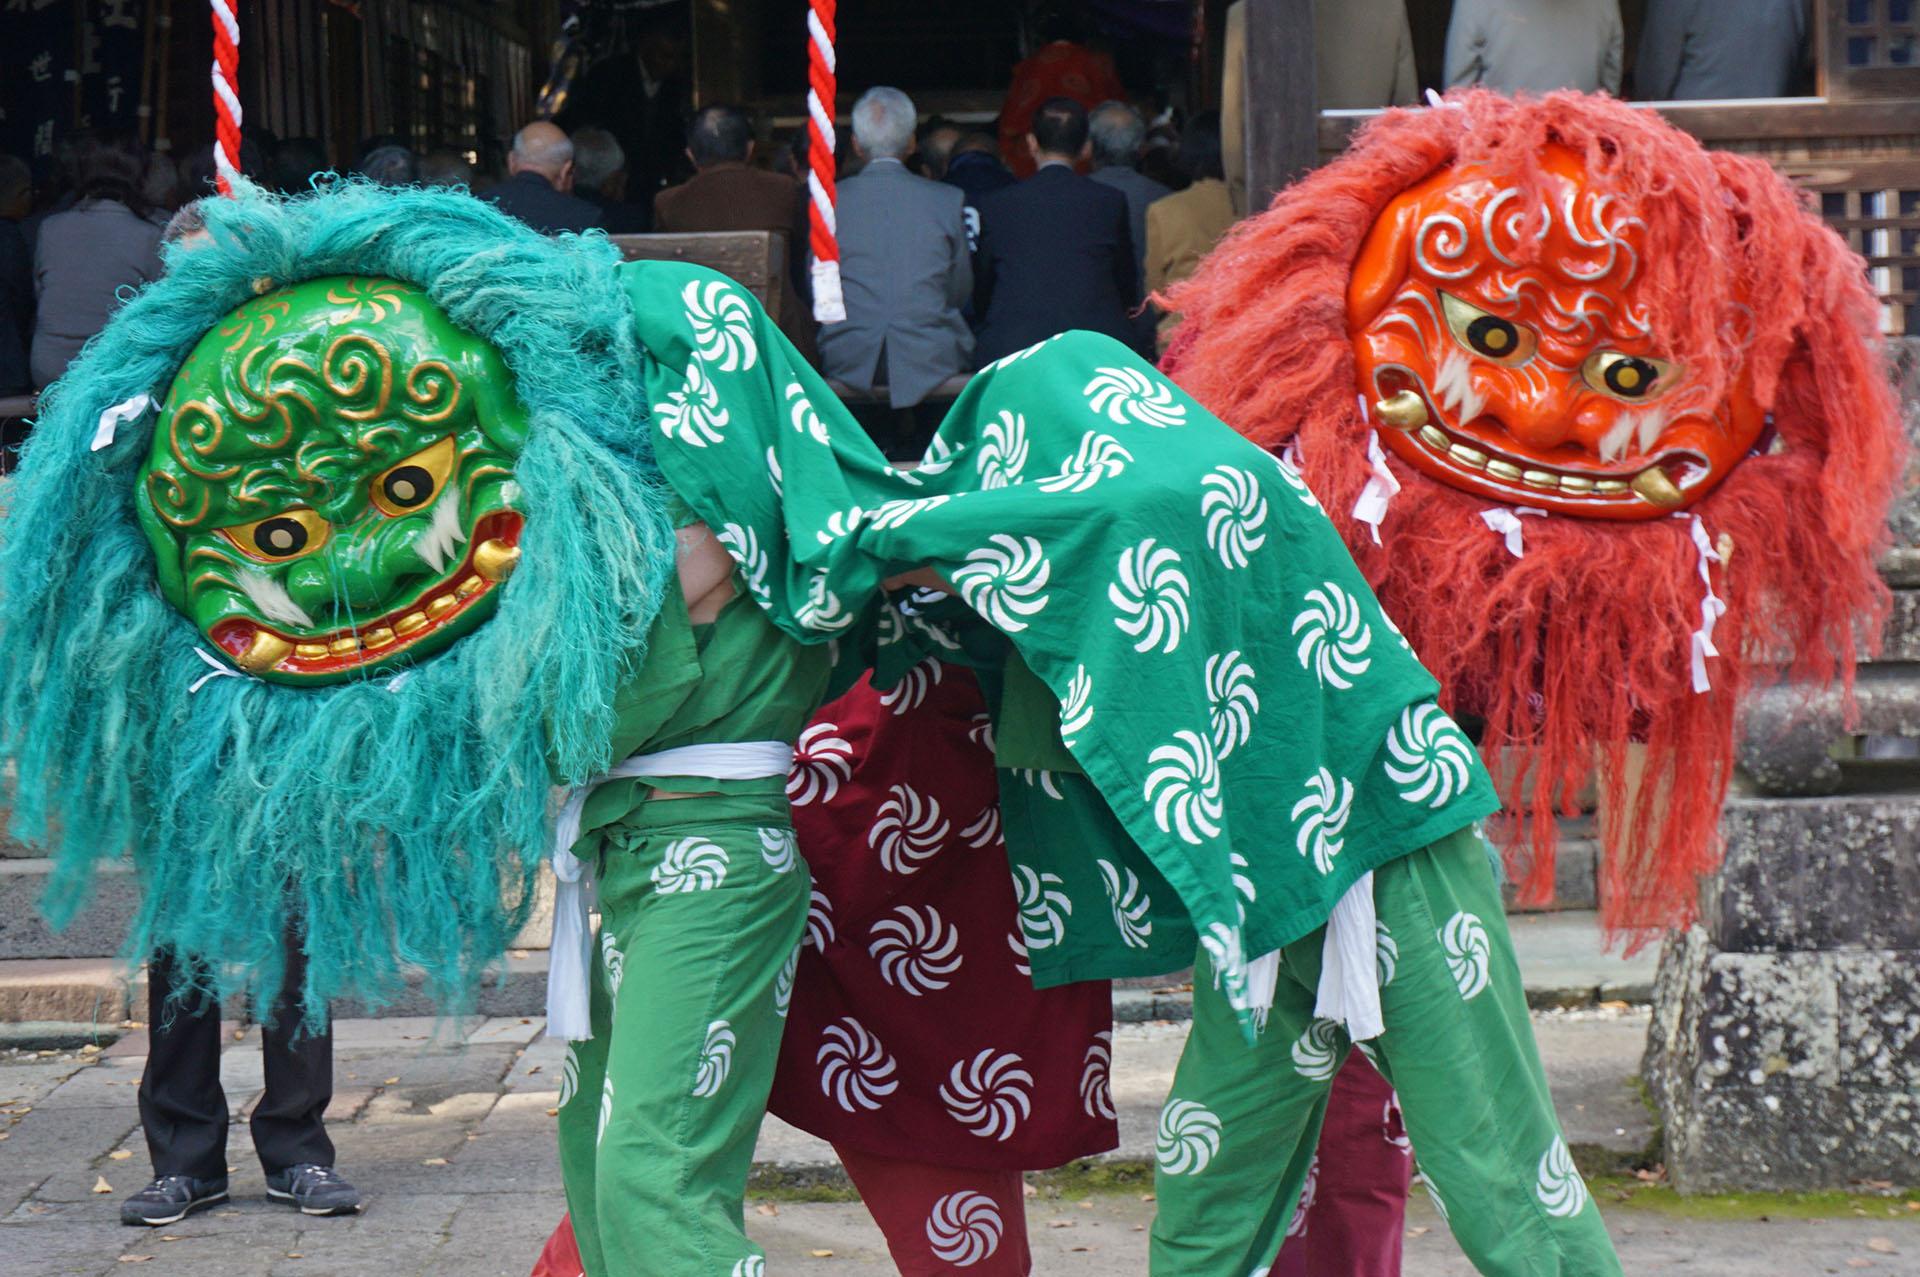 琴路神社秋祭りの獅子舞